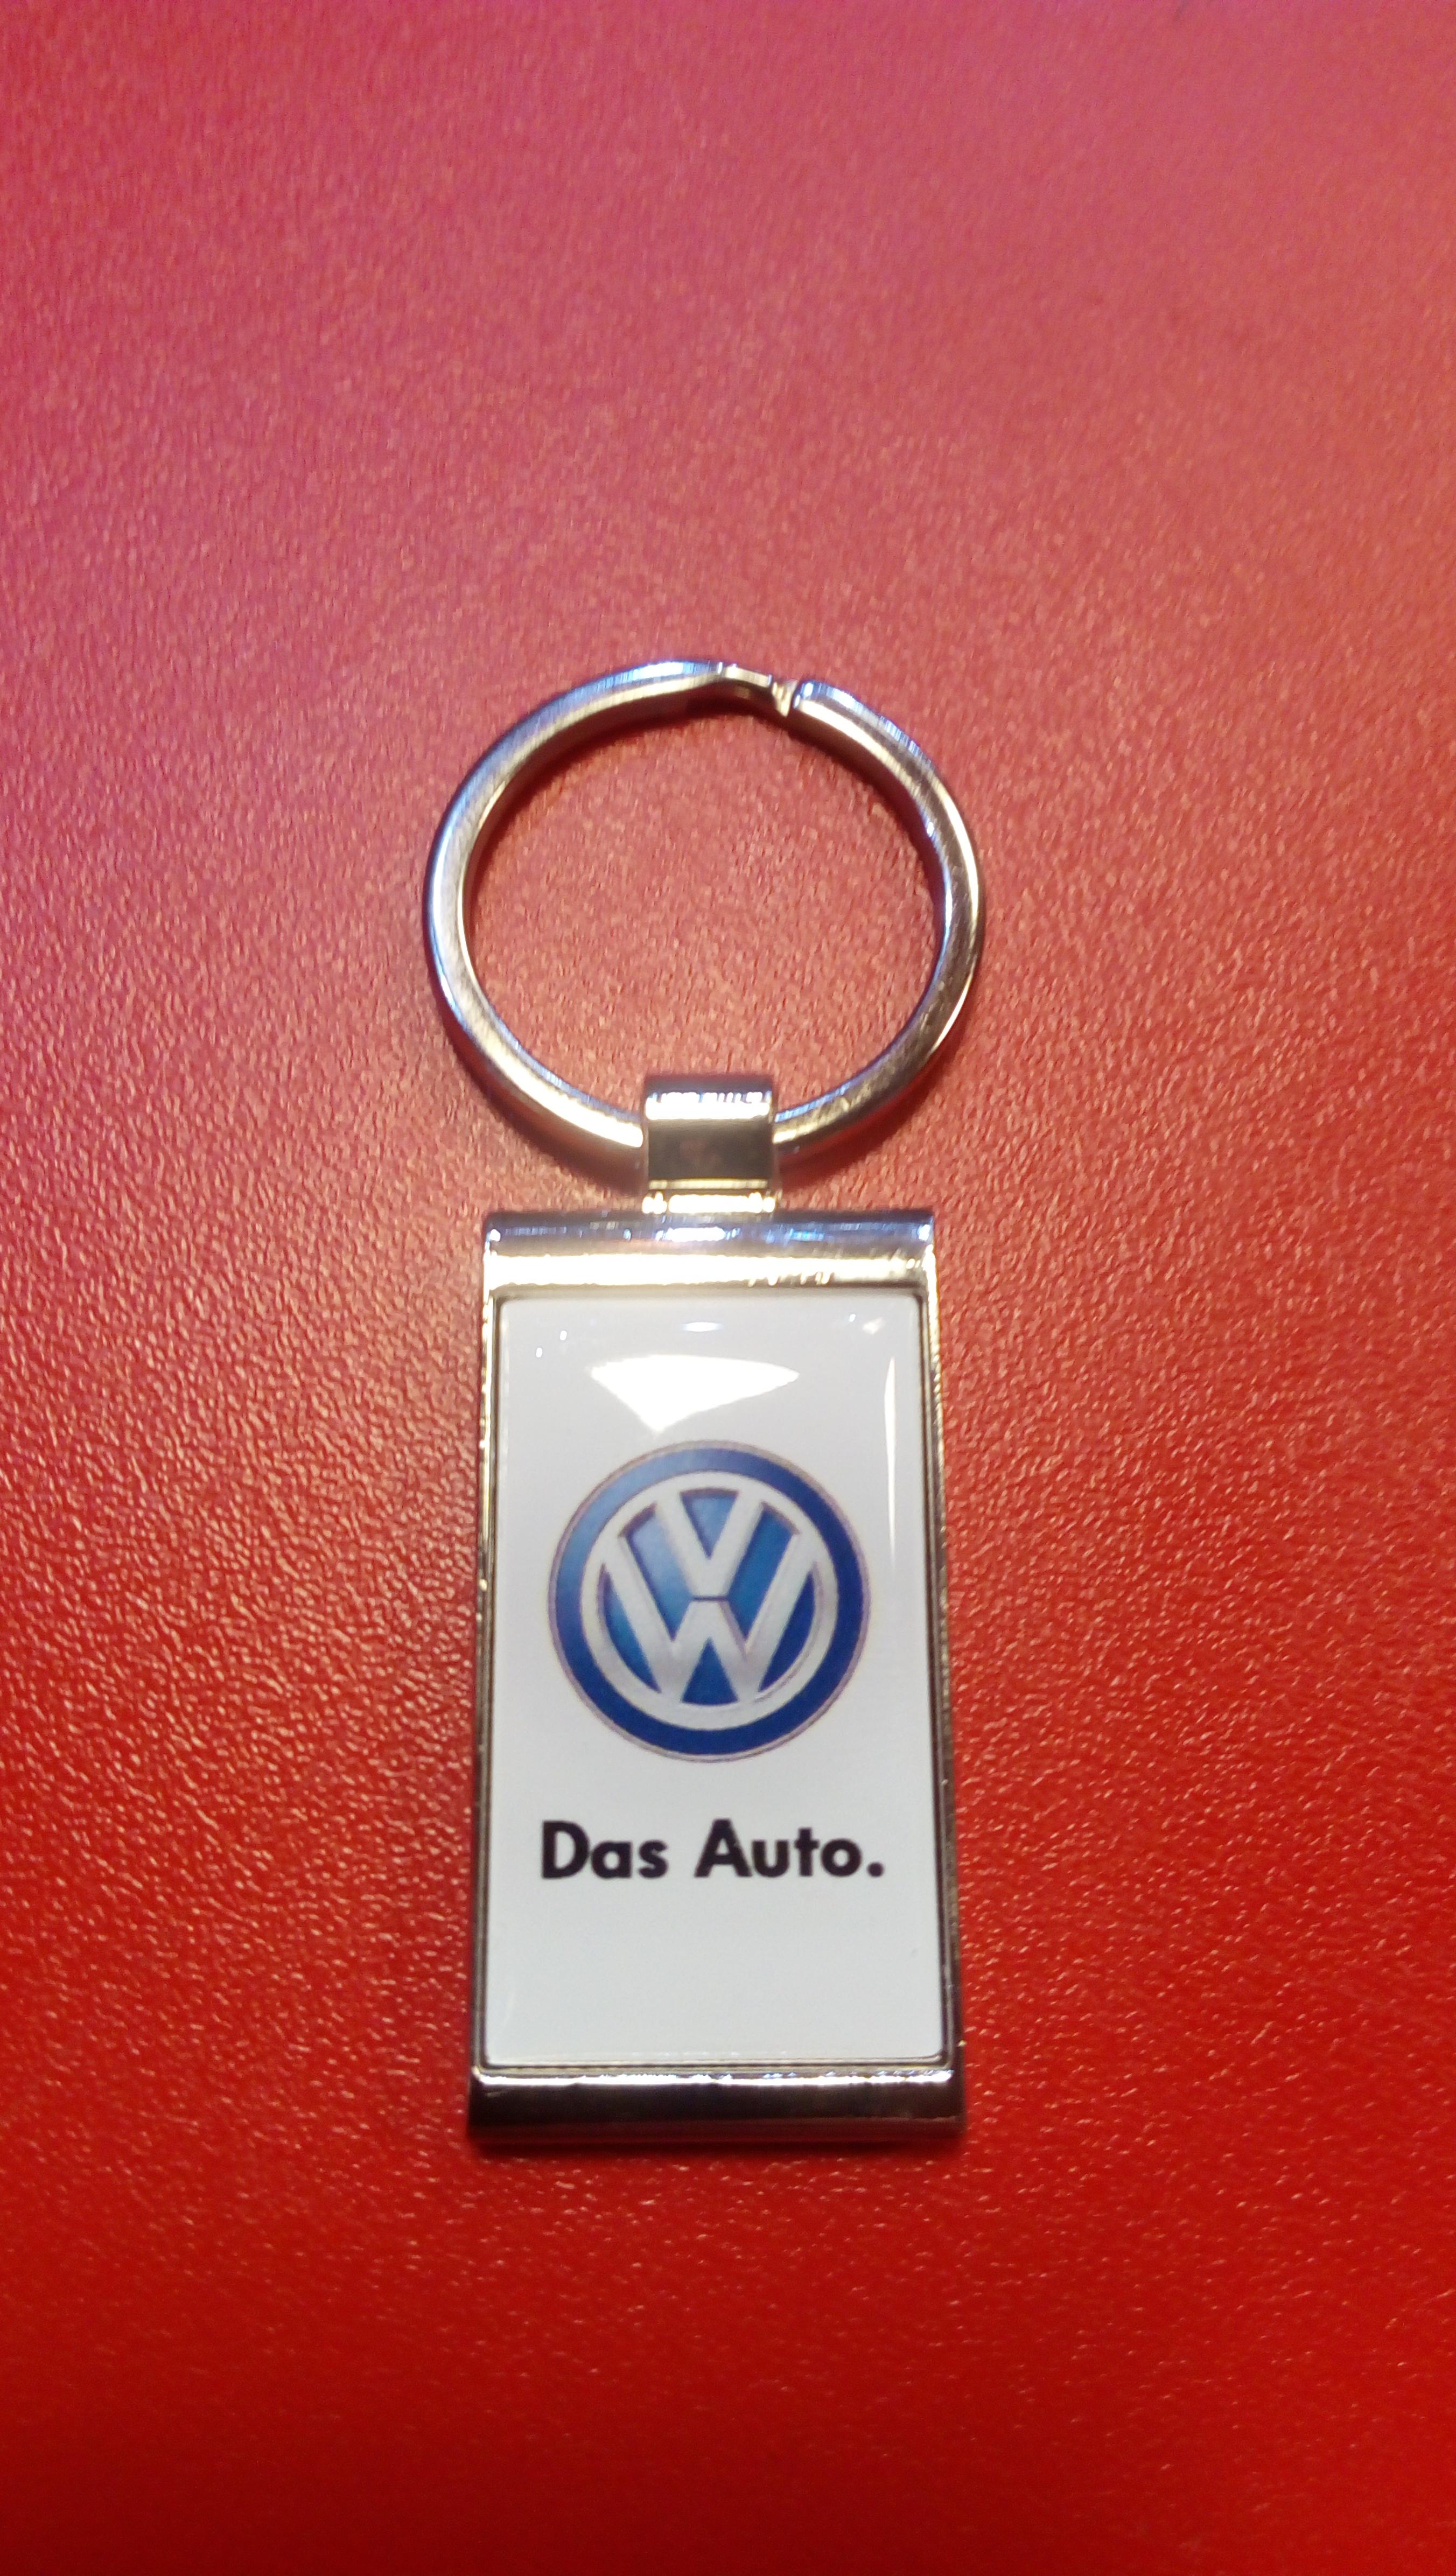 Kľúčenka VW - SGL CARS - Internetový predaj autodielov d0aab403dca